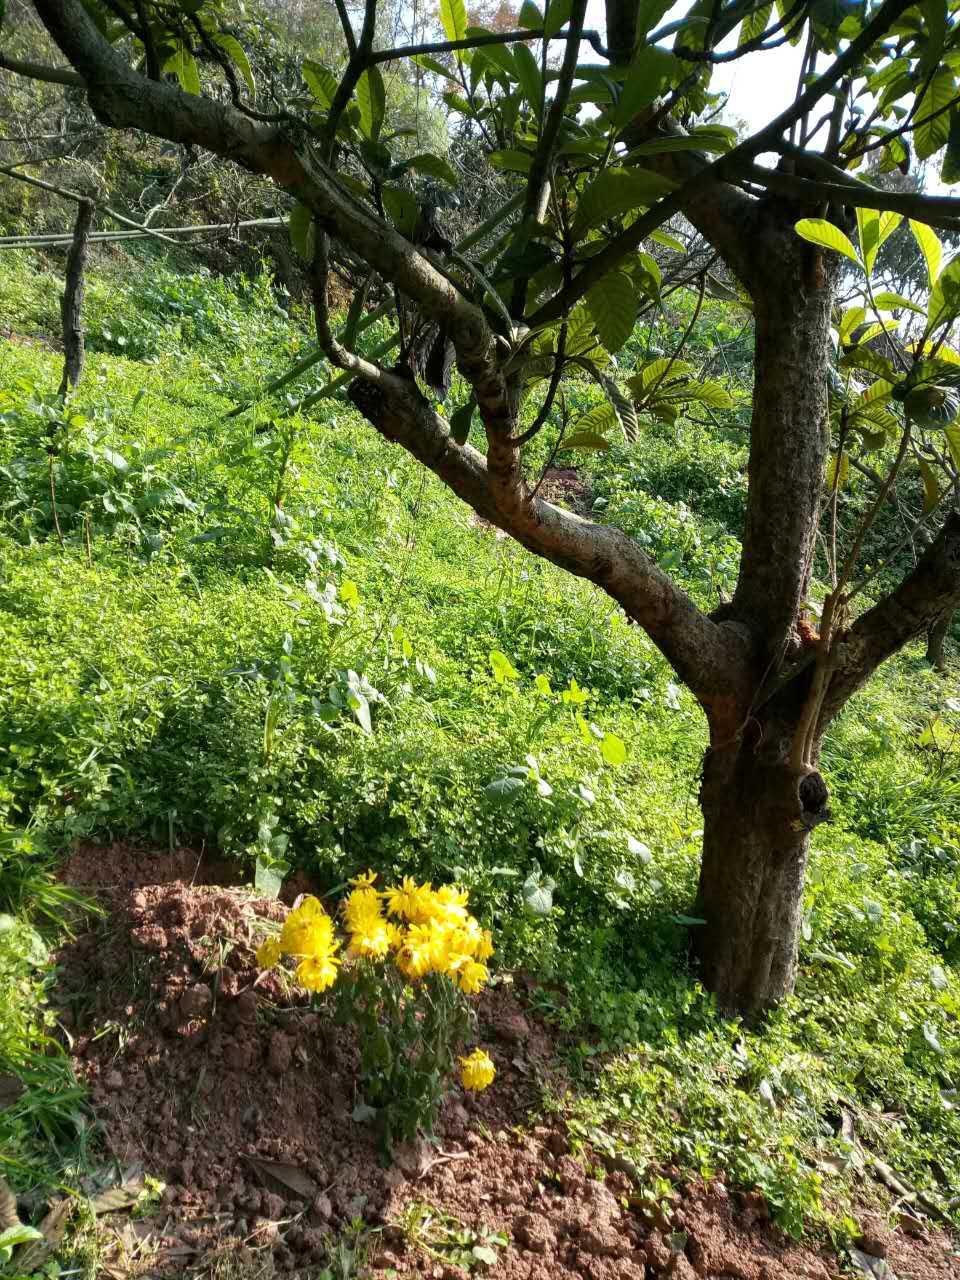 骨灰普通树葬,回归自然,与树融为一体